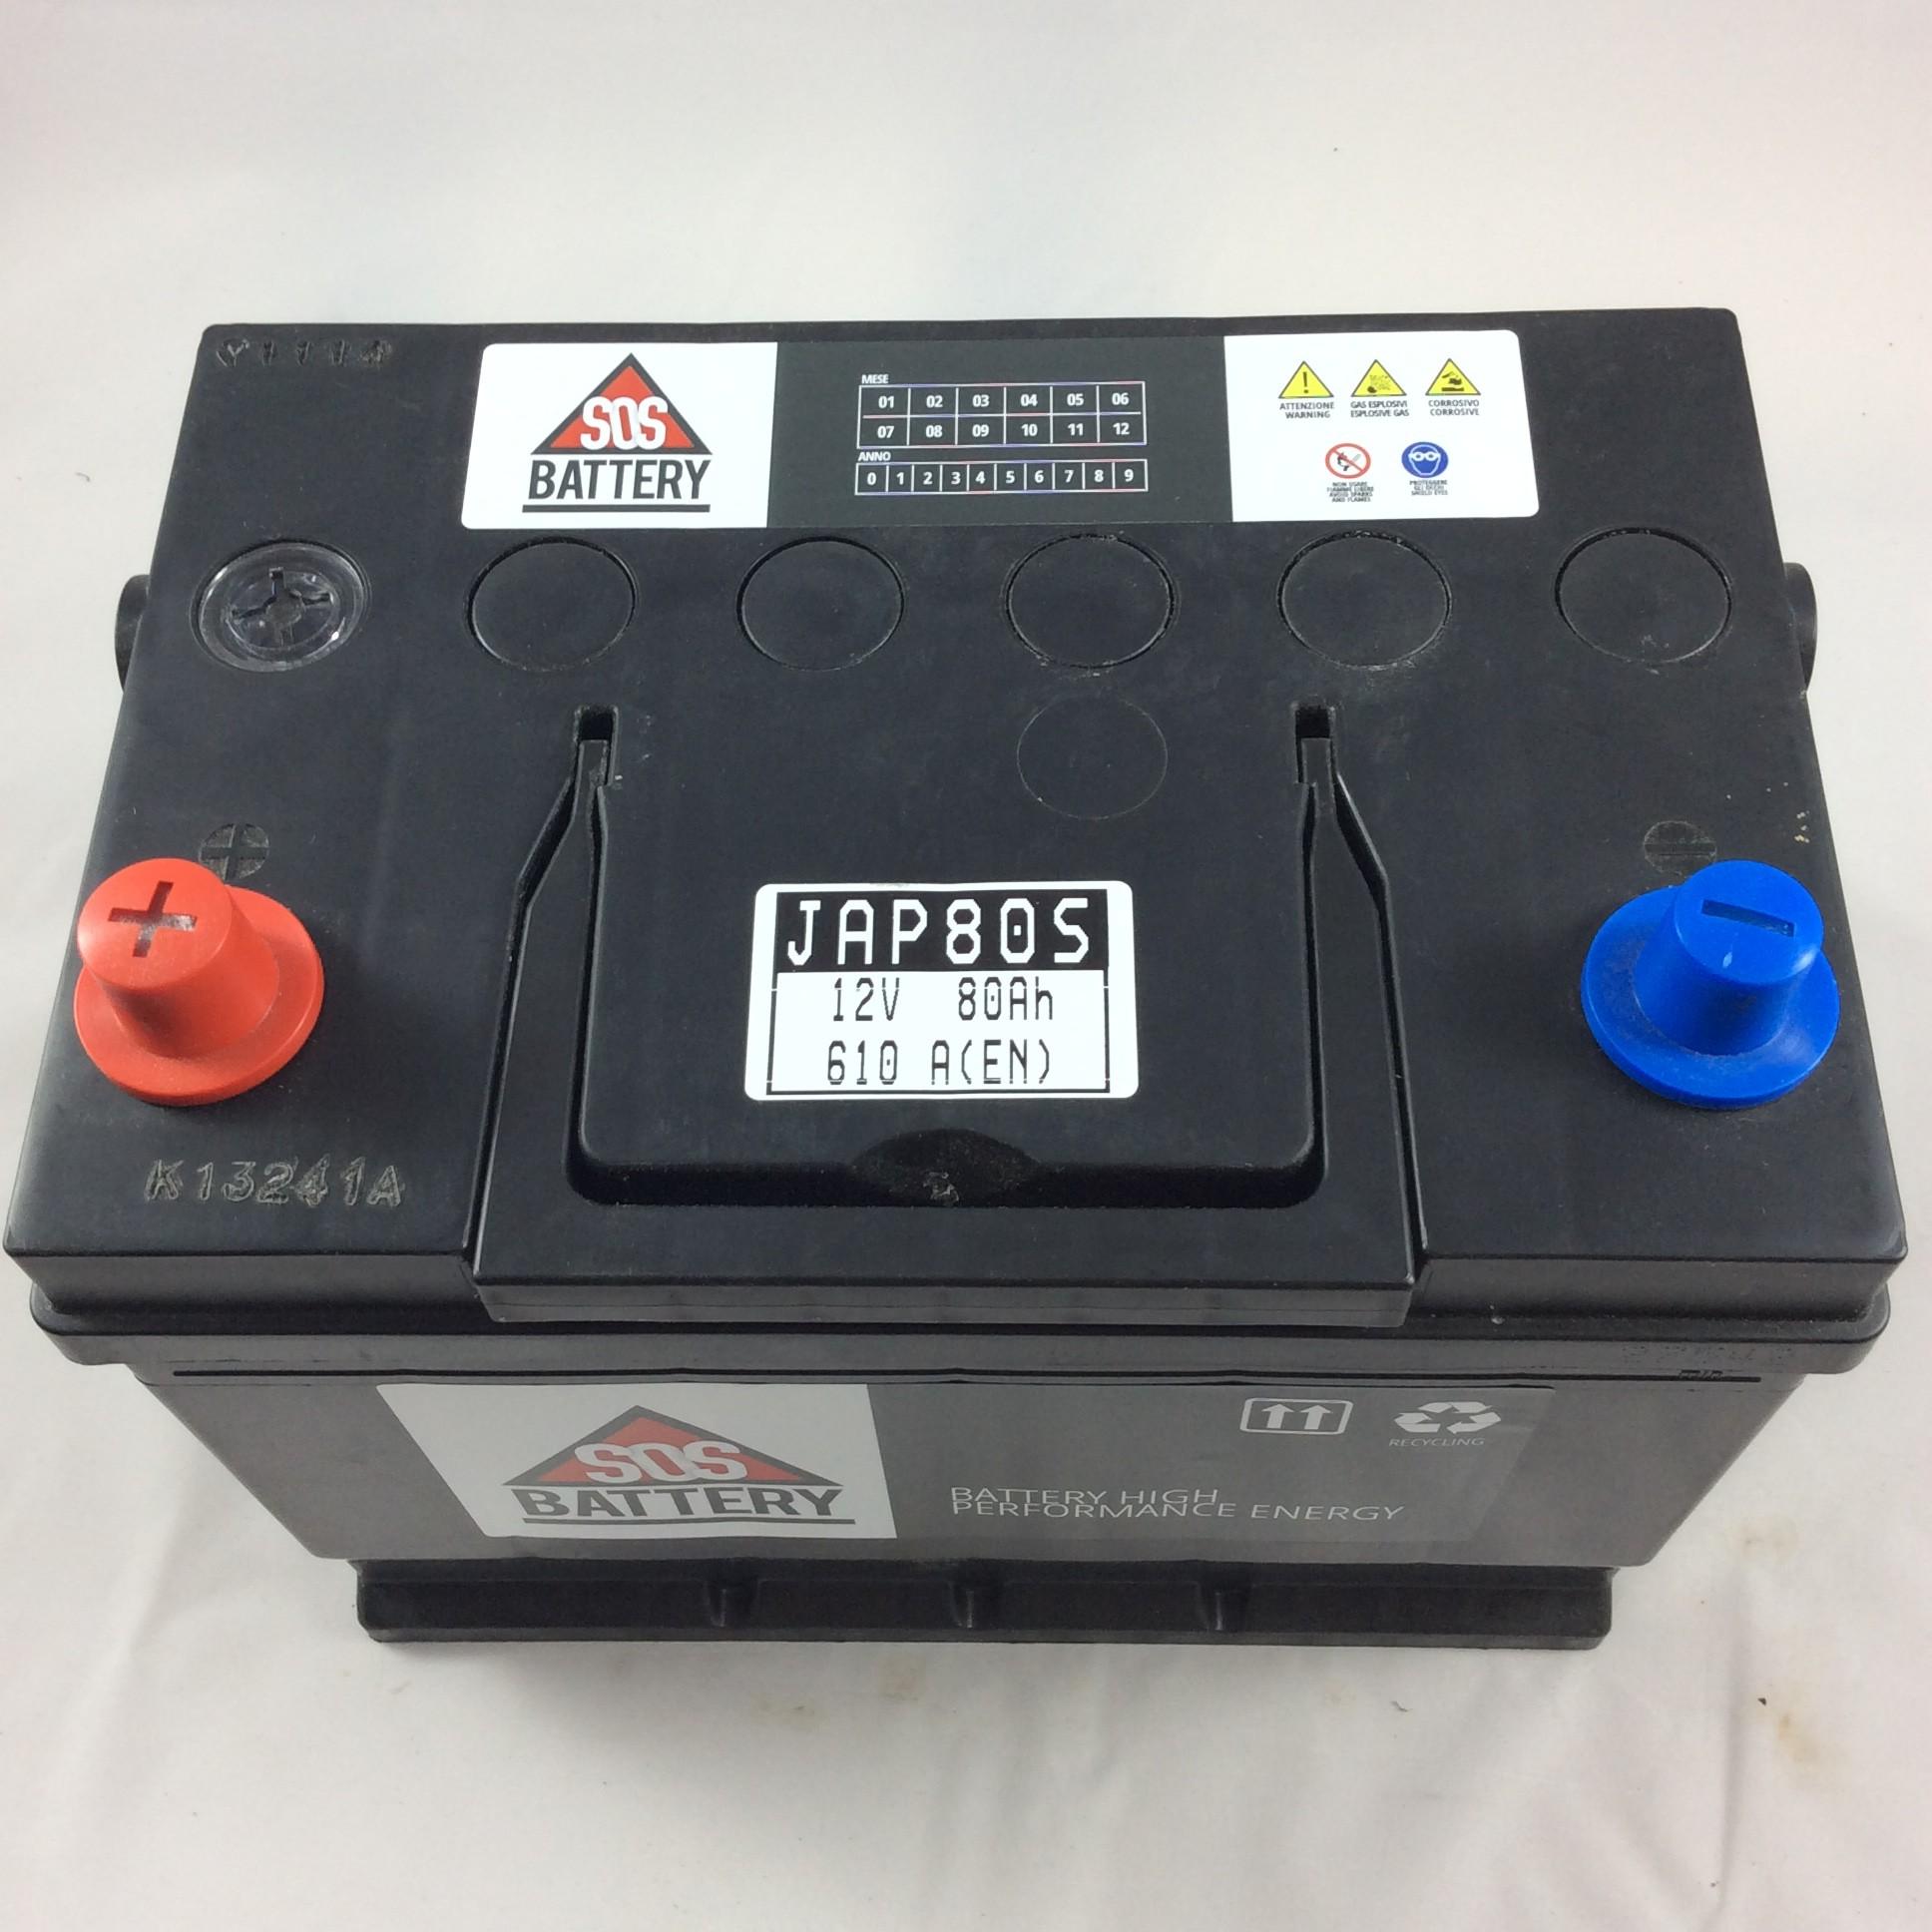 batteria sos battery 12v 80ah 640a en jap80s sos battery vendita batterie online a prezzi. Black Bedroom Furniture Sets. Home Design Ideas